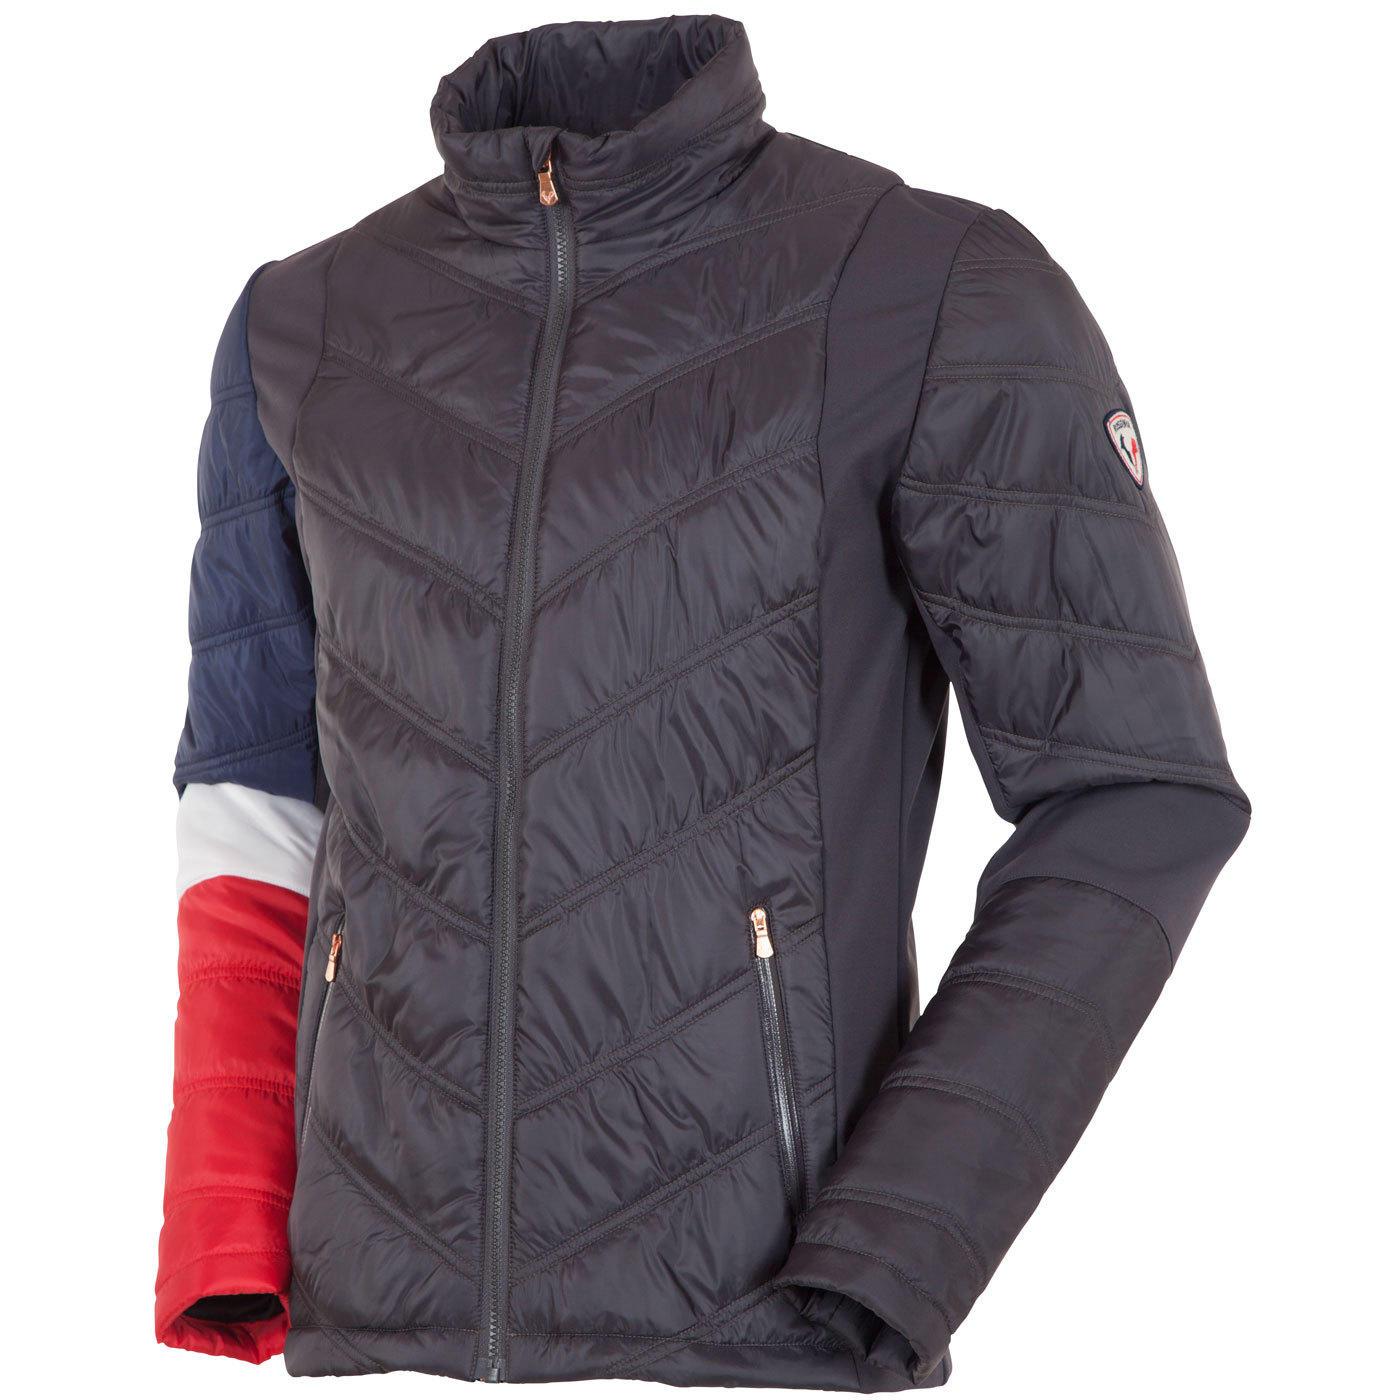 Rossignol VOLANTE LIGHT pánská lehká zimní bunda anthracite